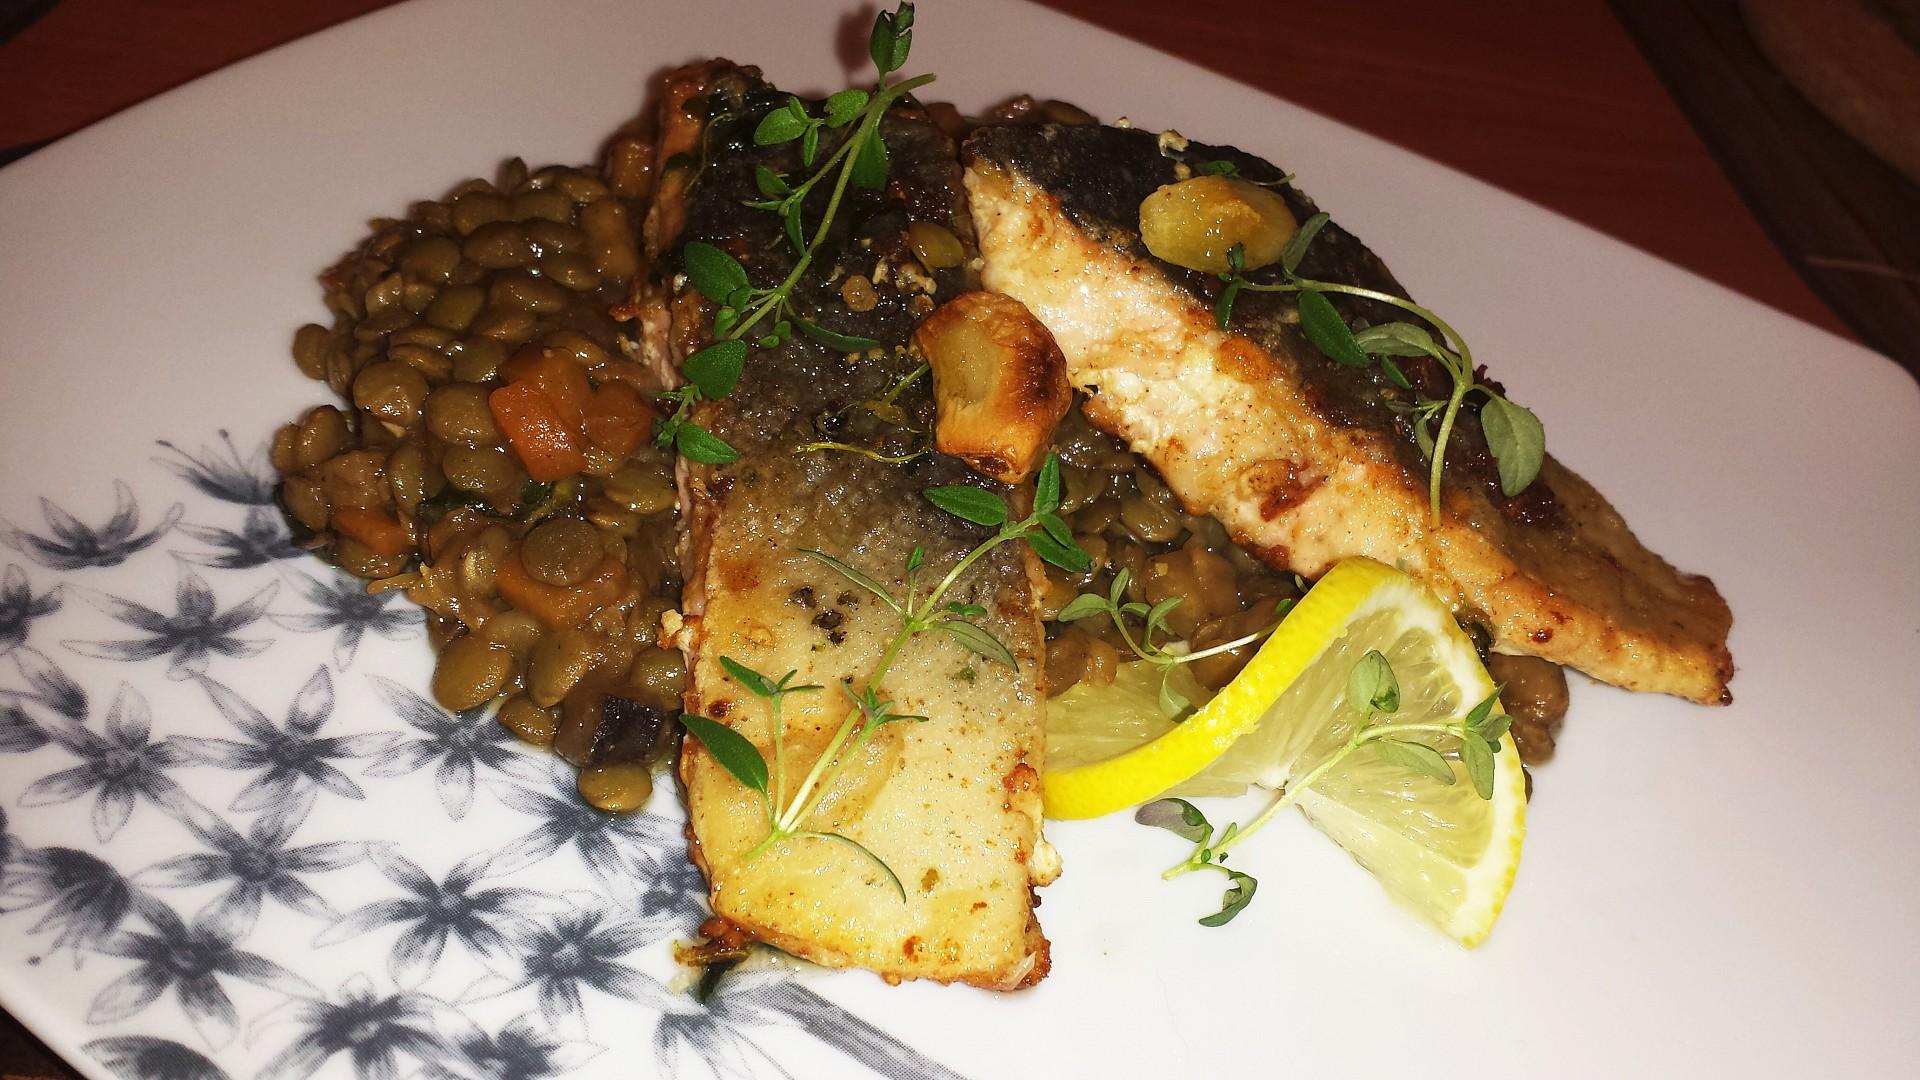 Filety z lososa s čočkovým ragu